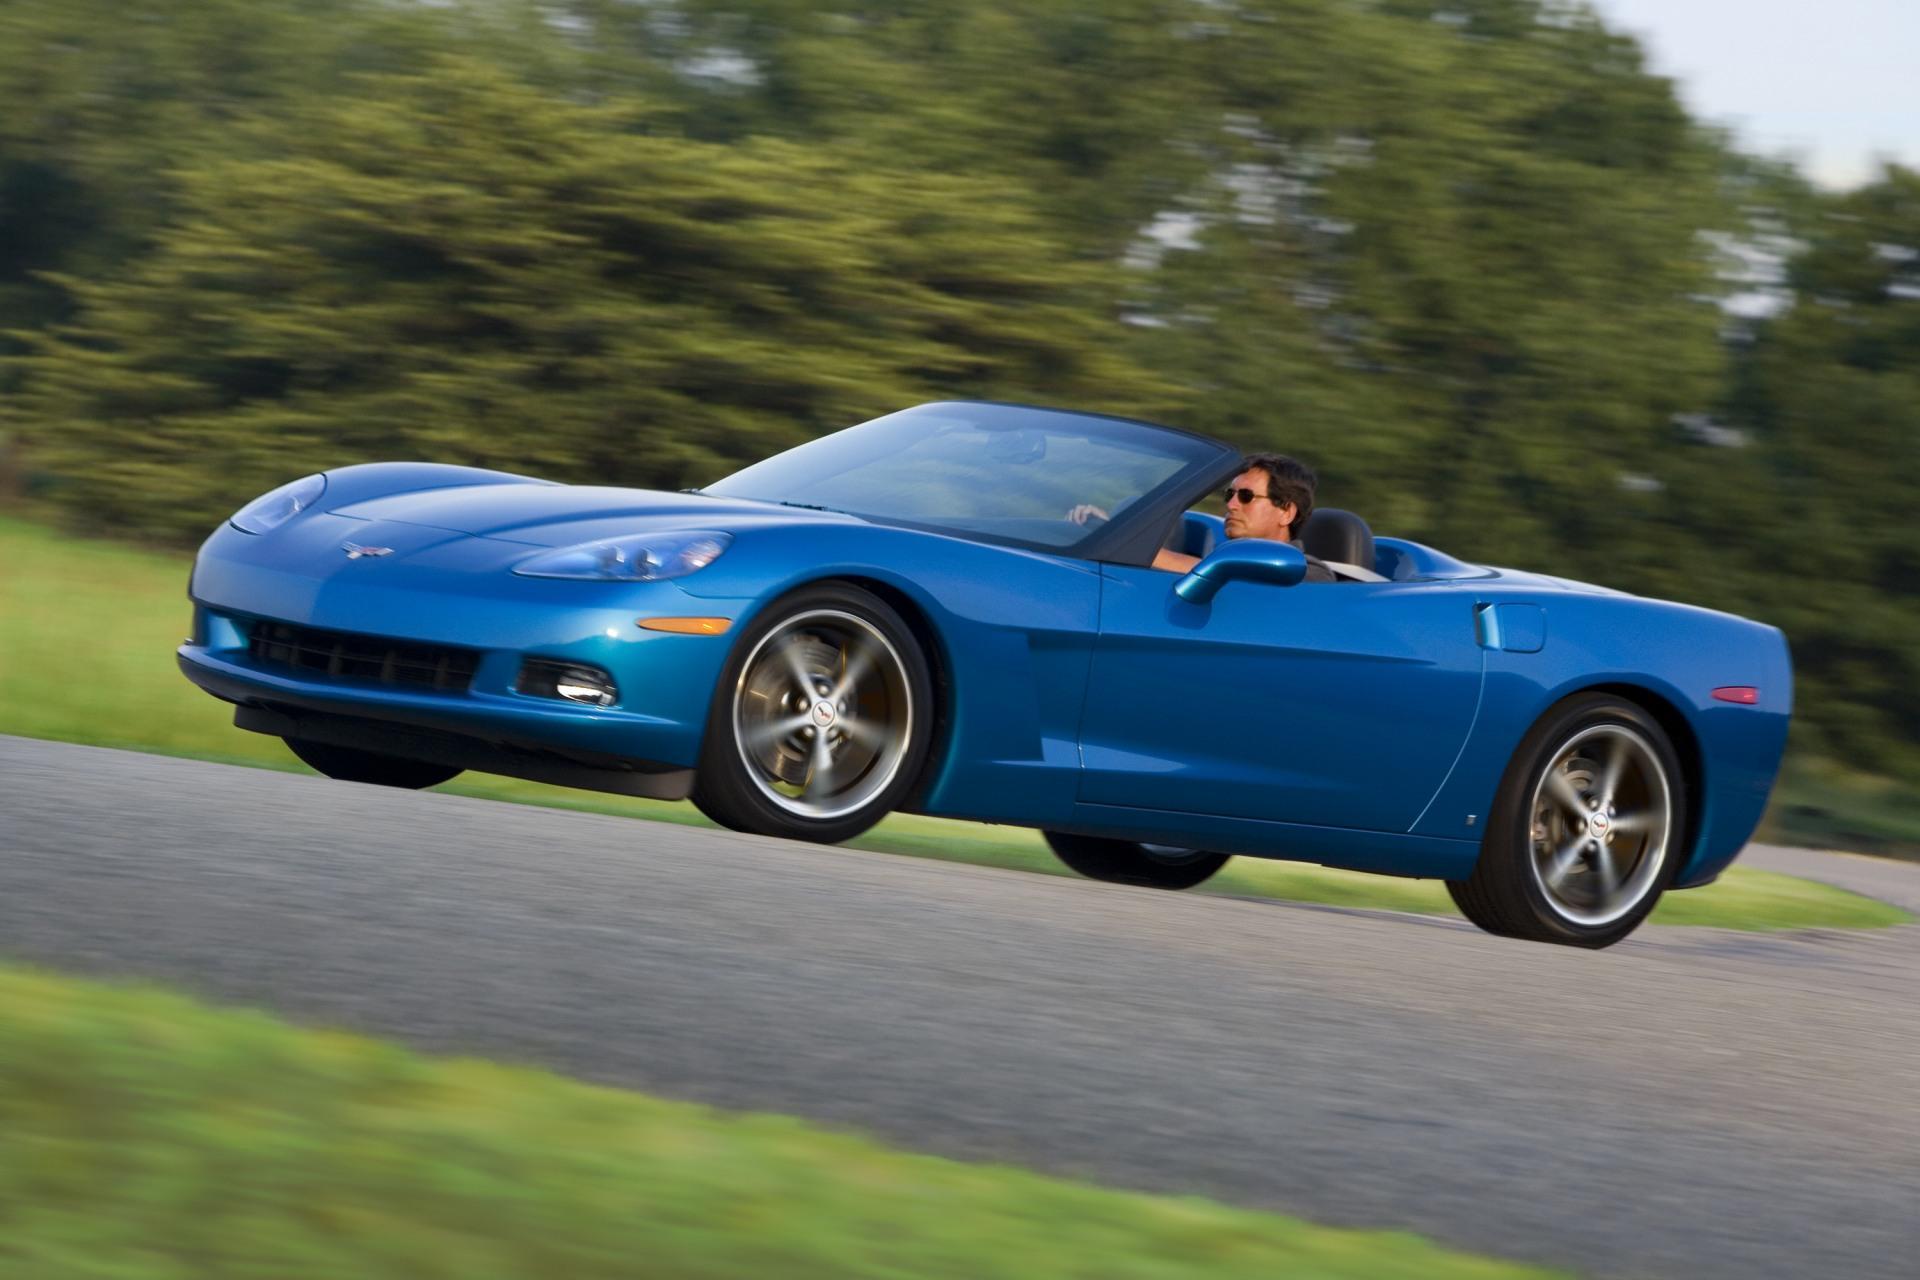 2011 chevrolet corvette - conceptcarz